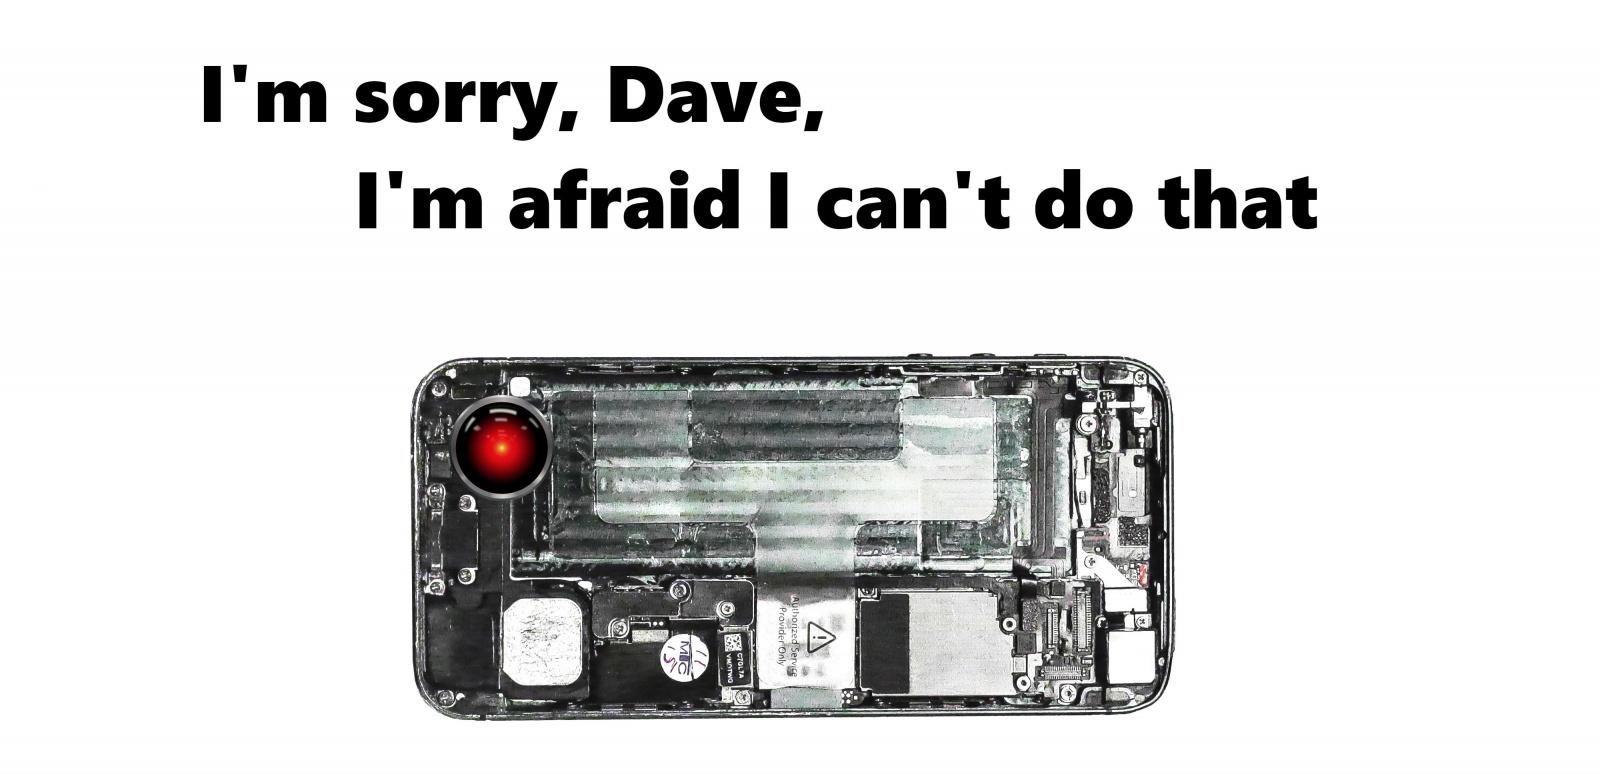 Быть технофобом бессмысленно, даже если технофобия оправдана - 1